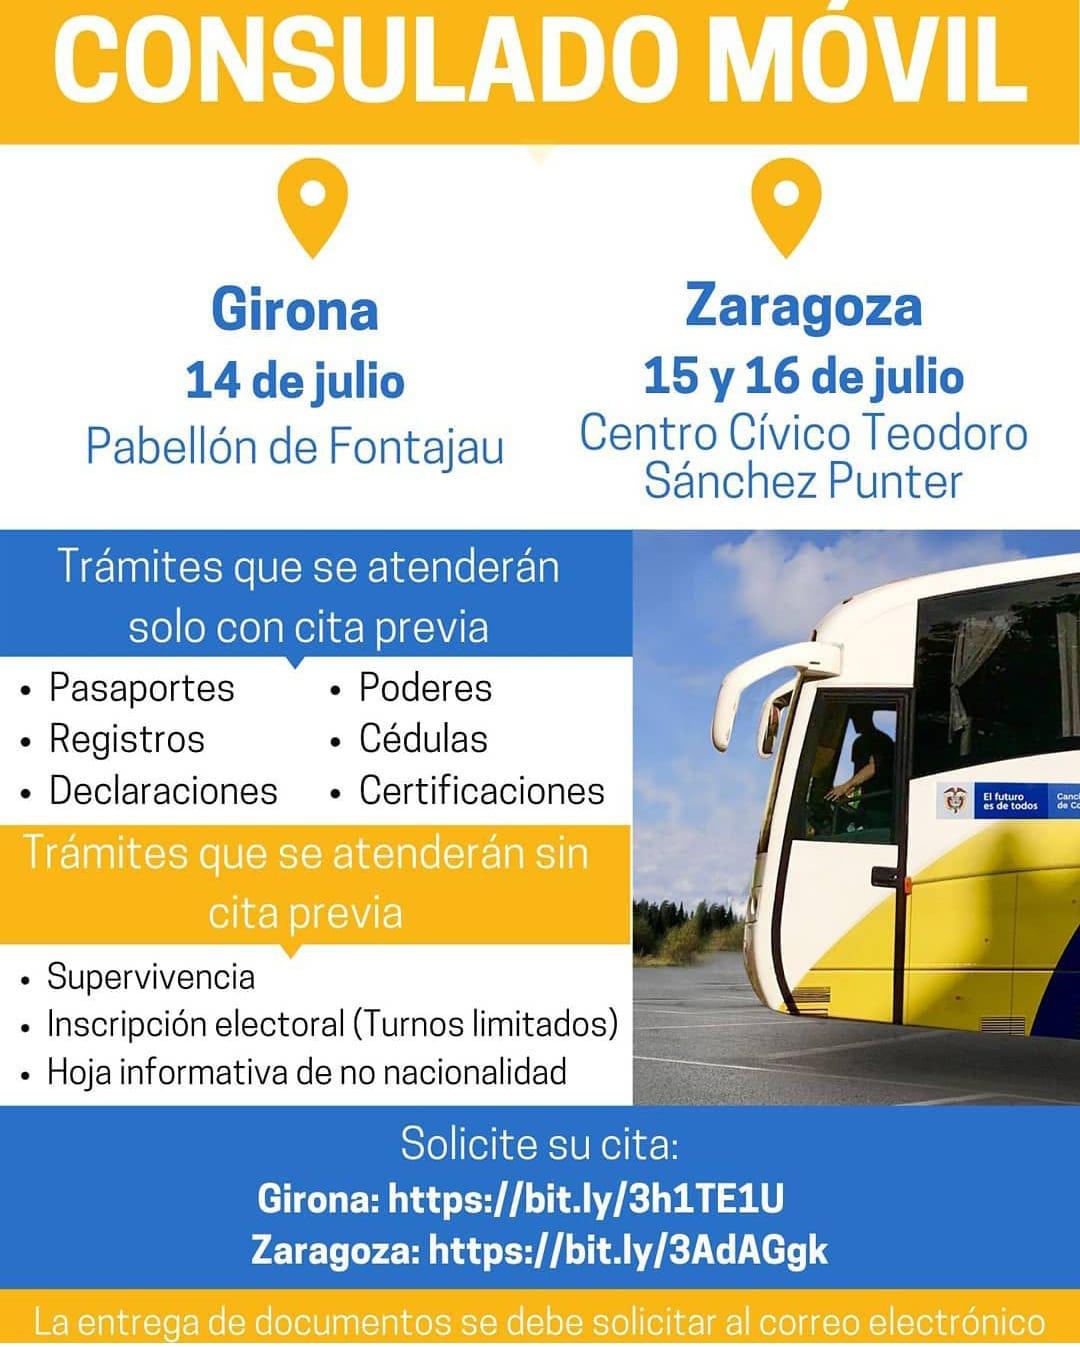 Consulado Móvil. 14 de julio en Girona